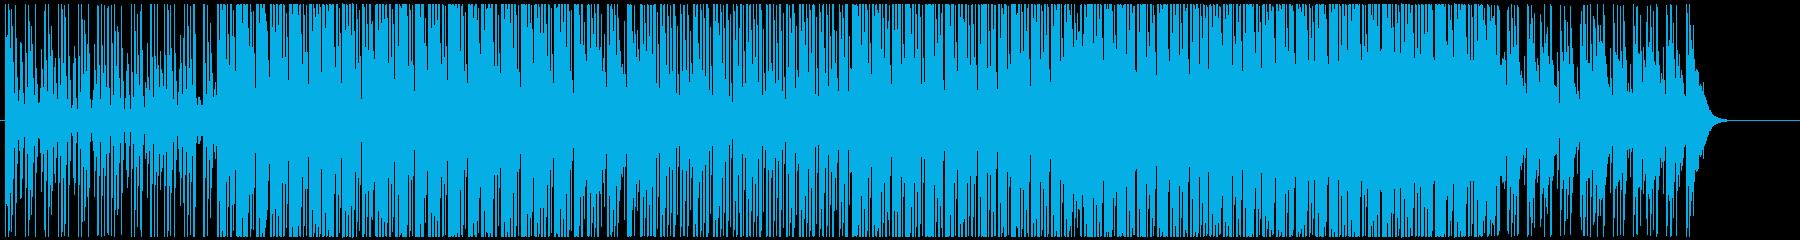 前向きで疾走感のある清々しいテクノの再生済みの波形